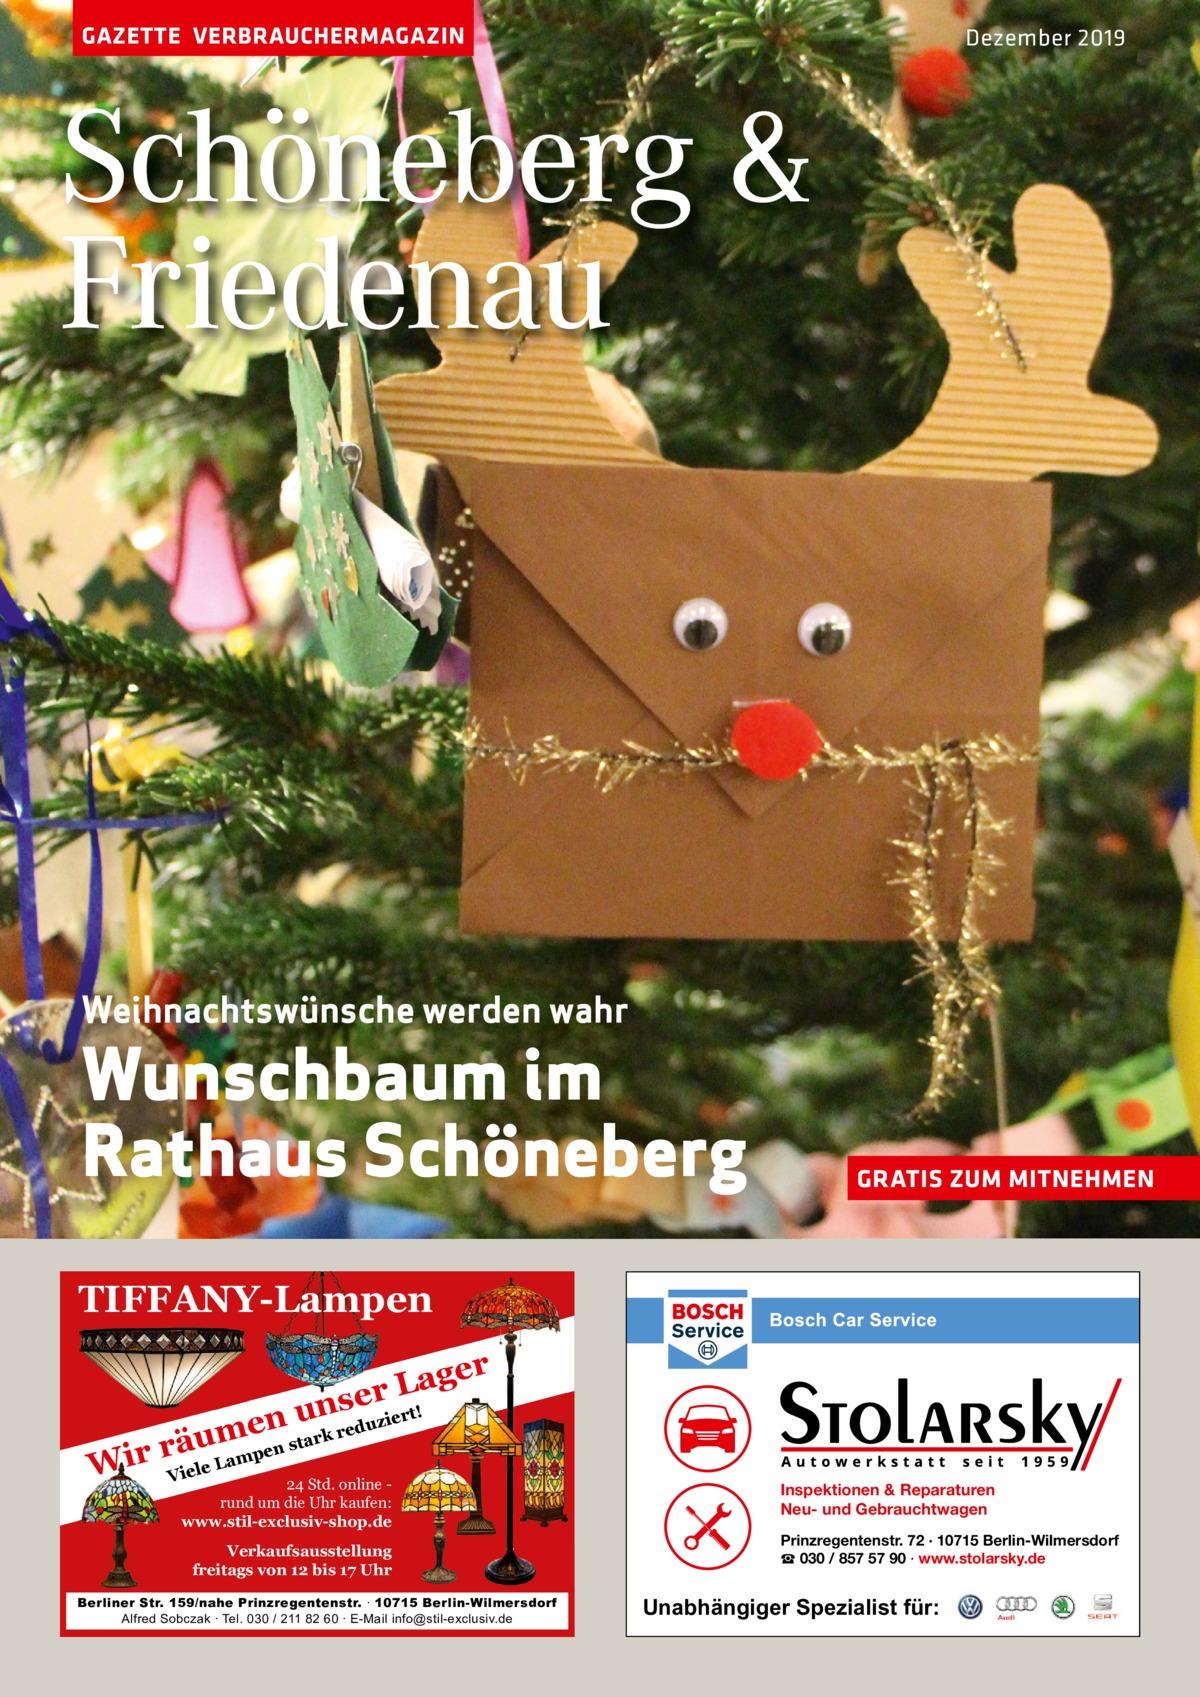 GAZETTE VERBRAUCHERMAGAZIN  Dezember 2019  Schöneberg & Friedenau  Weihnachtswünsche werden wahr  Wunschbaum im Rathaus Schöneberg  GRATIS ZUM MITNEHMEN  TIFFANY-Lampen ager L r nse !  ert duzi ensu m rk re a t u en rä Wir Viele Lamp 24 Std. online rund um die Uhr kaufen: www.stil-exclusiv-shop.de  Verkaufsausstellung freitags von 12 bis 17 Uhr Berliner Str. 159/nahe Prinzregentenstr. ∙ 10715 Berlin-Wilmersdorf Alfred Sobczak ∙ Tel. 030 / 211 82 60 ∙ E-Mail info@stil-exclusiv.de  Inspektionen & Reparaturen Neu- und Gebrauchtwagen Prinzregentenstr. 72 · 10715 Berlin-Wilmersdorf ☎ 030 / 857 57 90 · www.stolarsky.de  Unabhängiger Spezialist für: